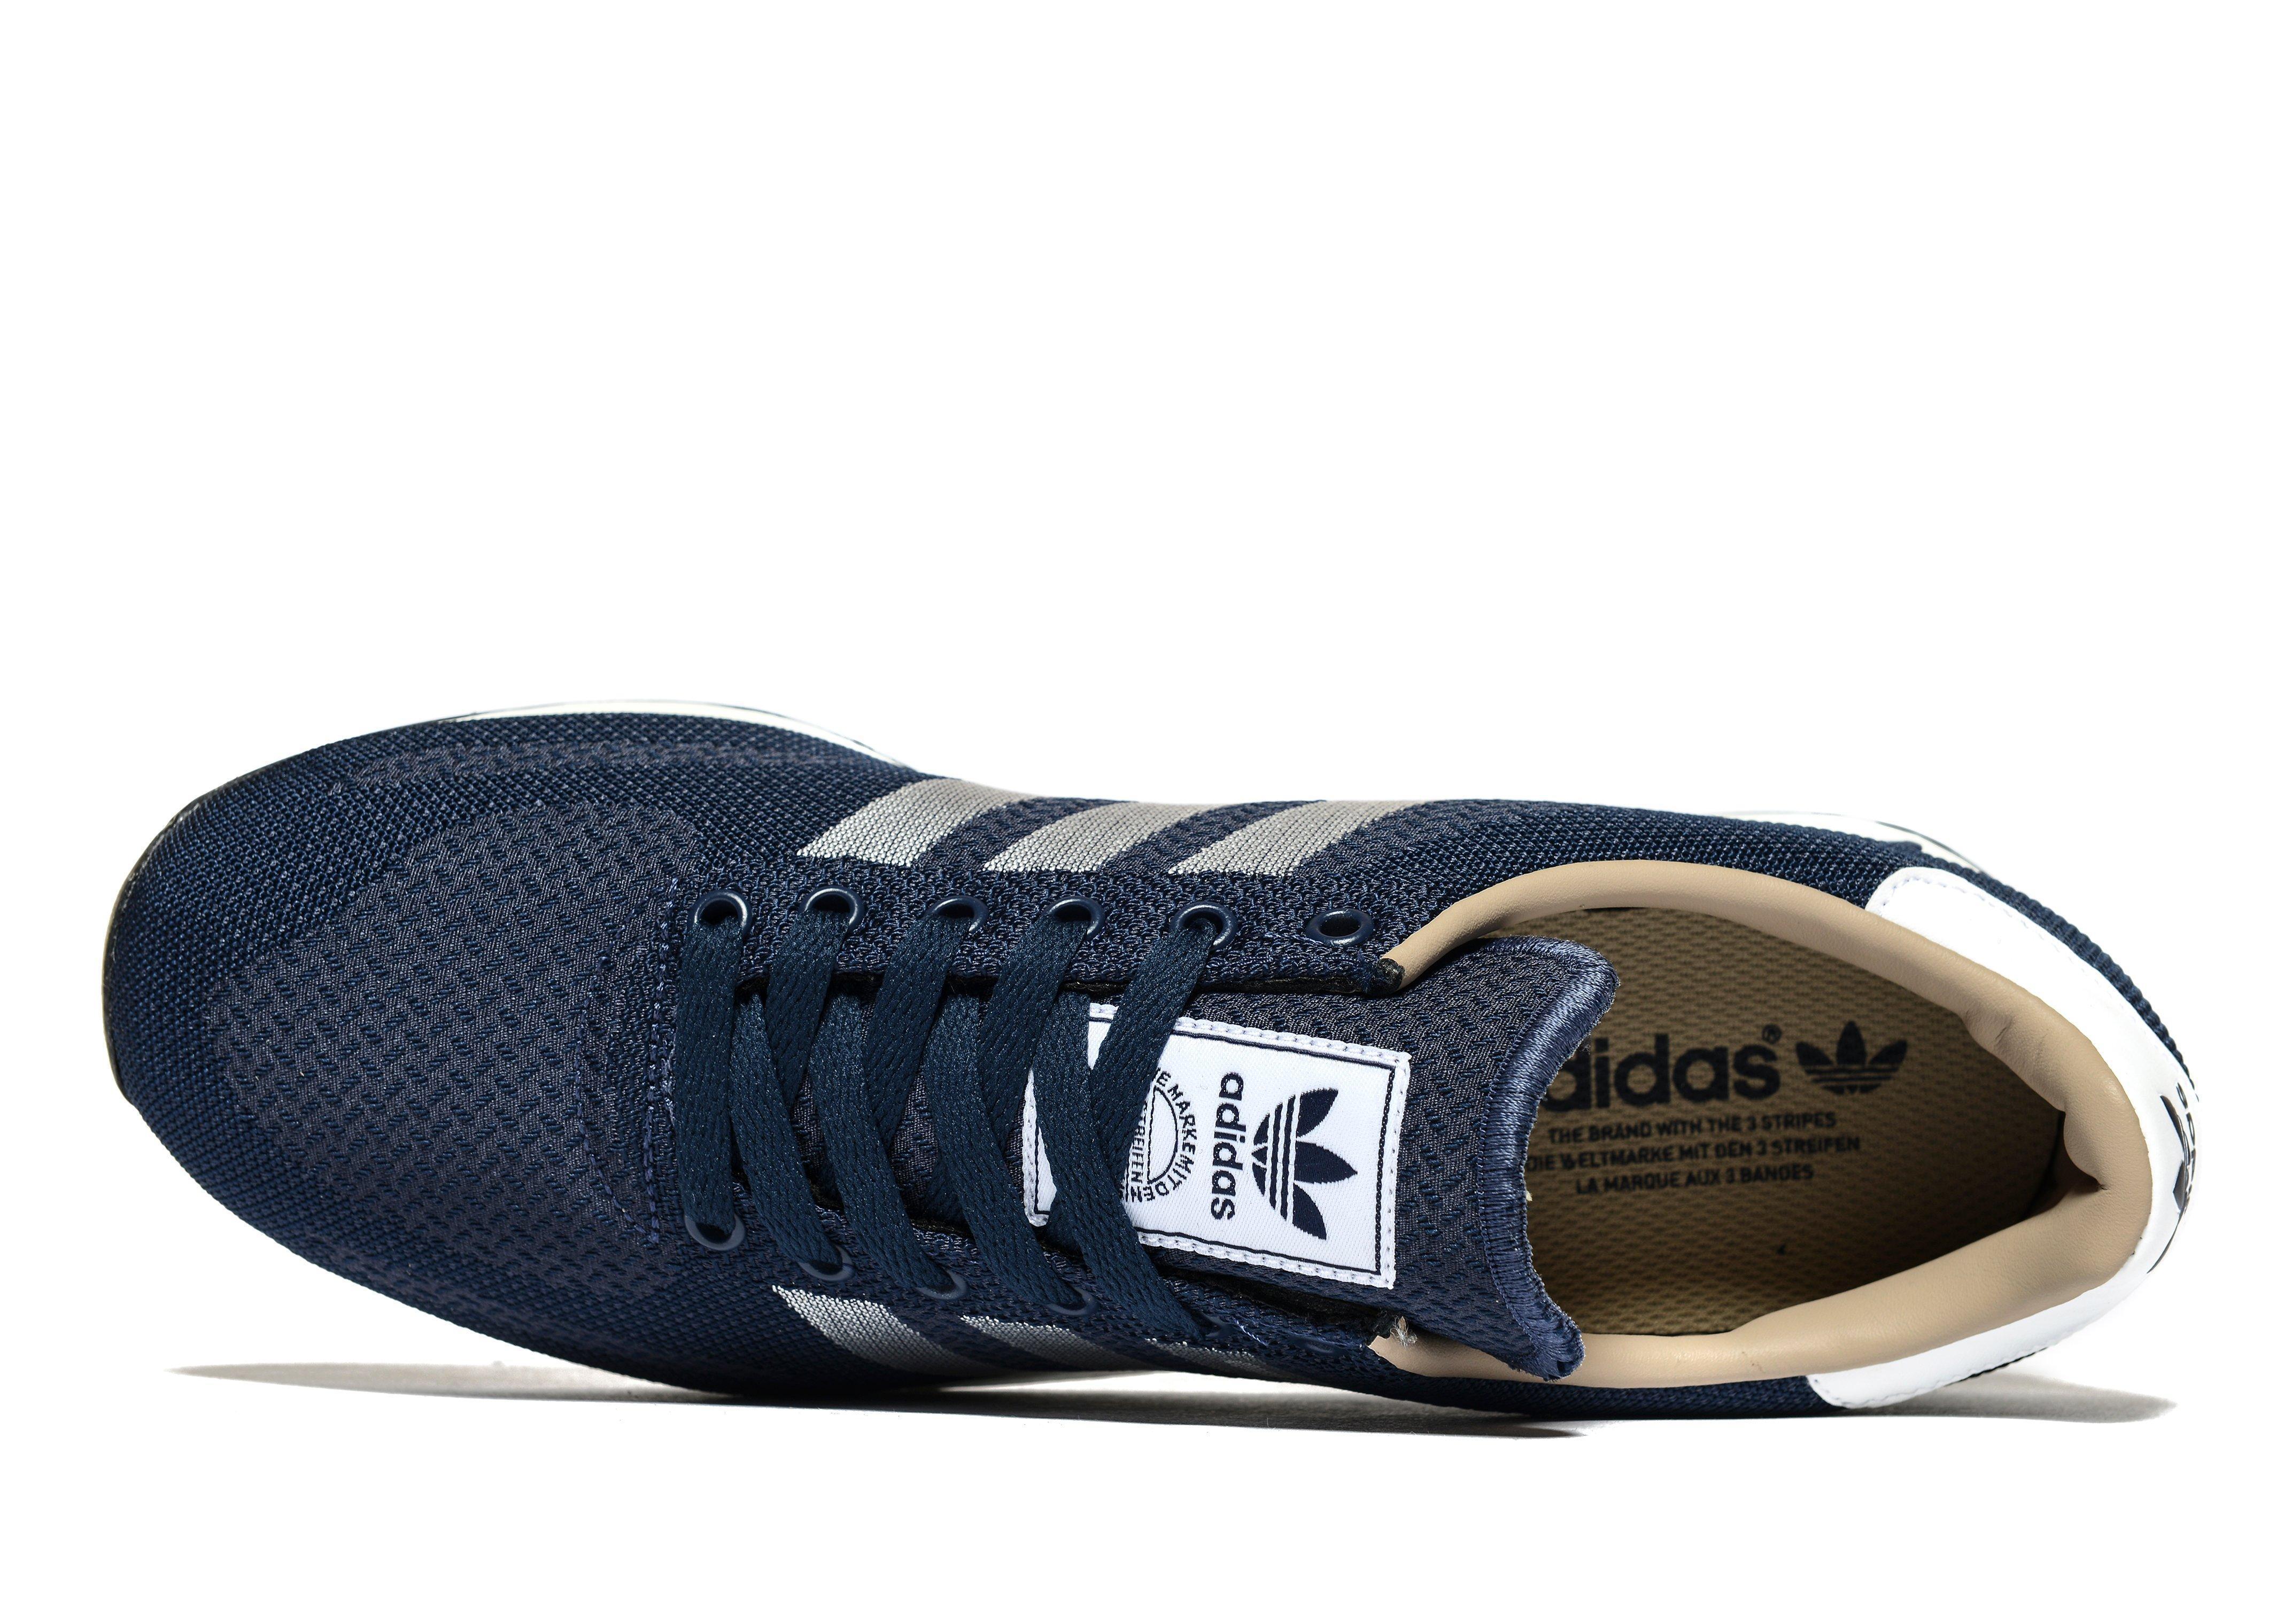 sale retailer d58a8 686d7 adidas Originals La Trainer Weave in Blue for Men - Lyst